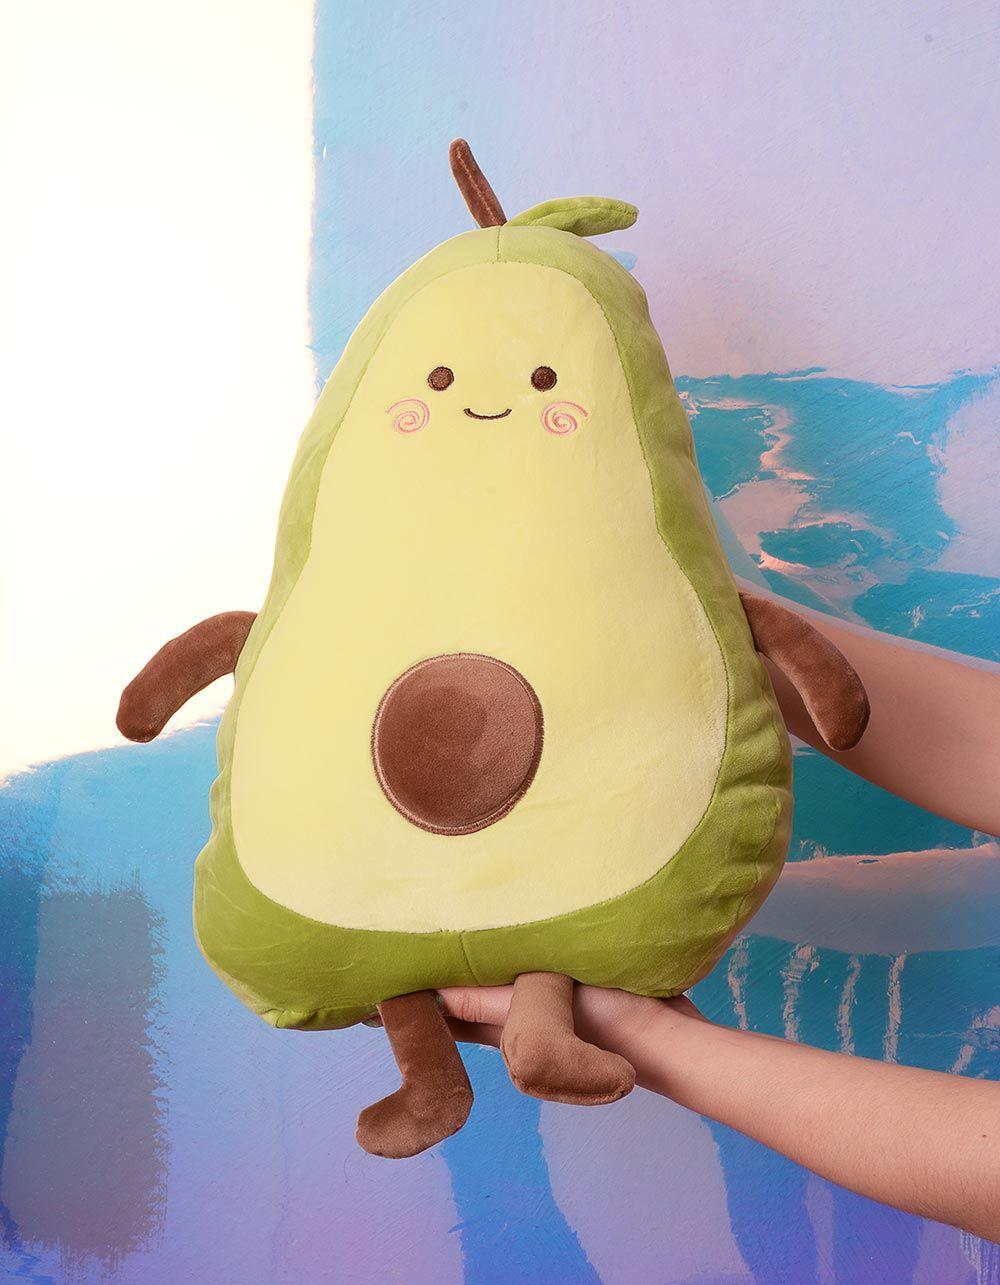 Іграшка м'яка у вигляді авокадо | 240346-20-XX